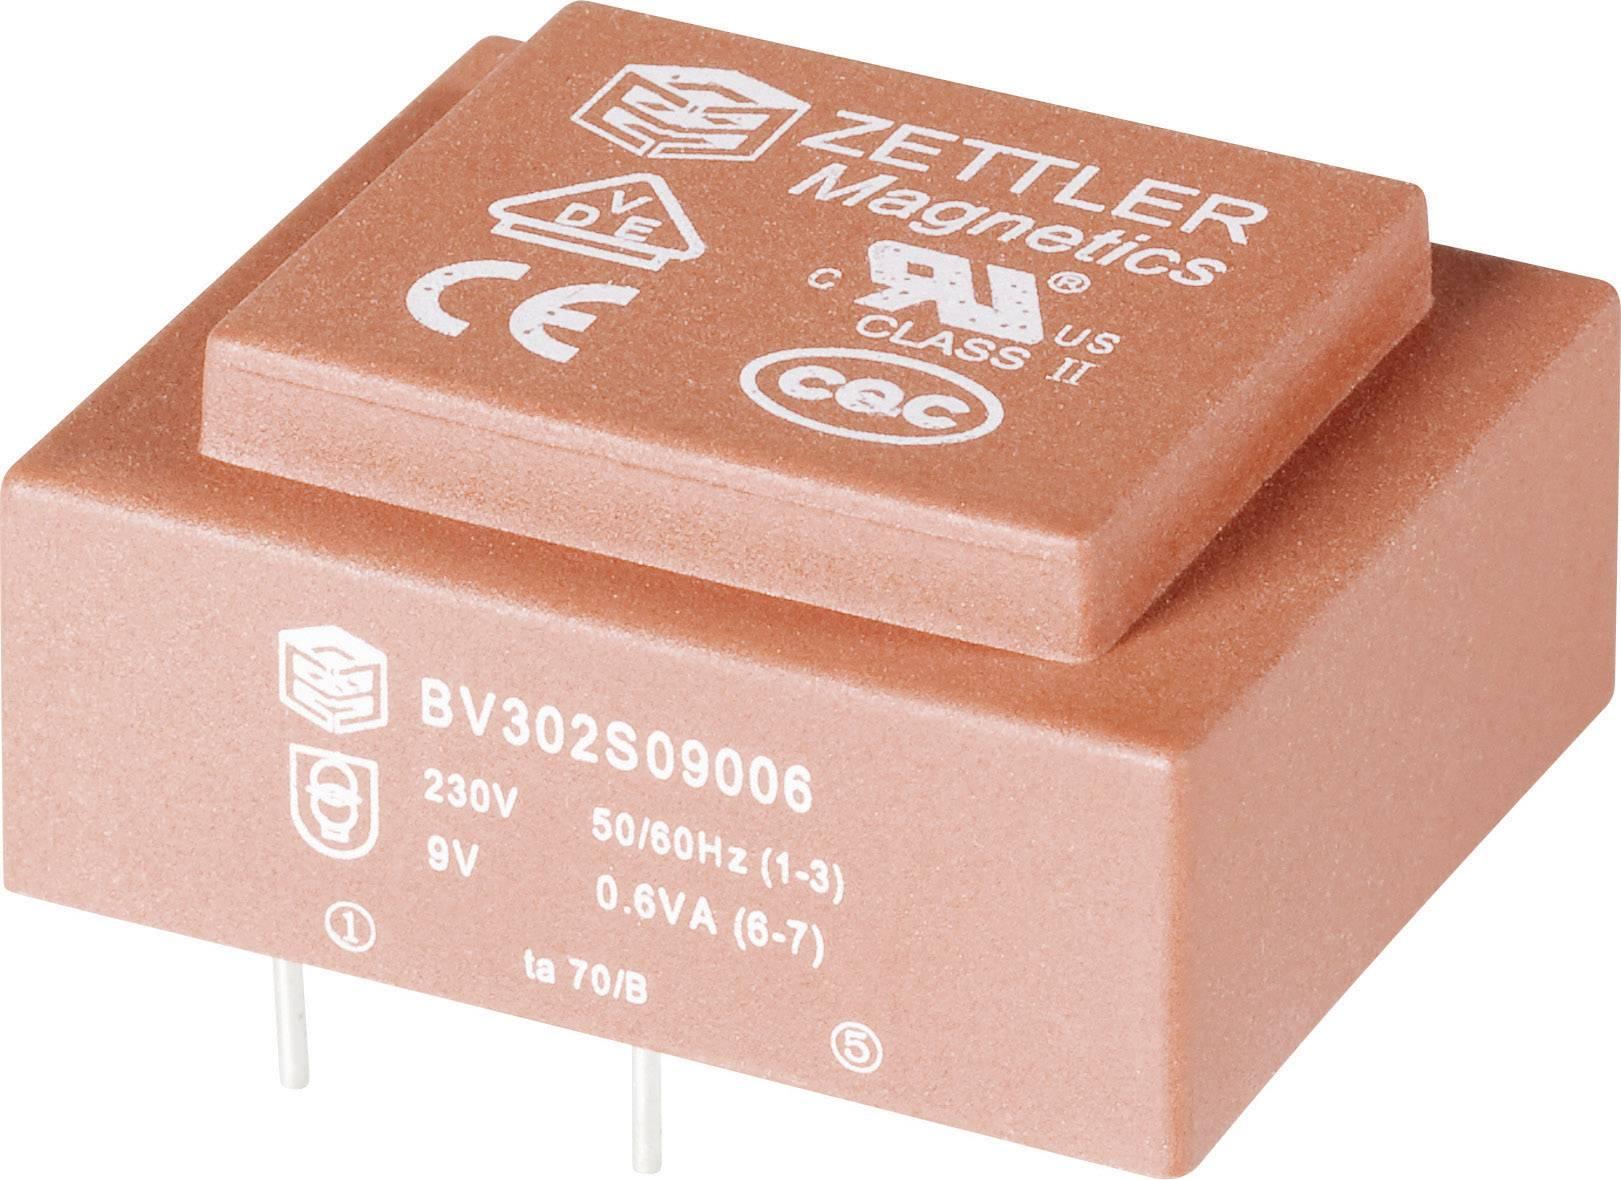 Transformátor do DPS Zettler Magnetics BV302D09010, 1 VA